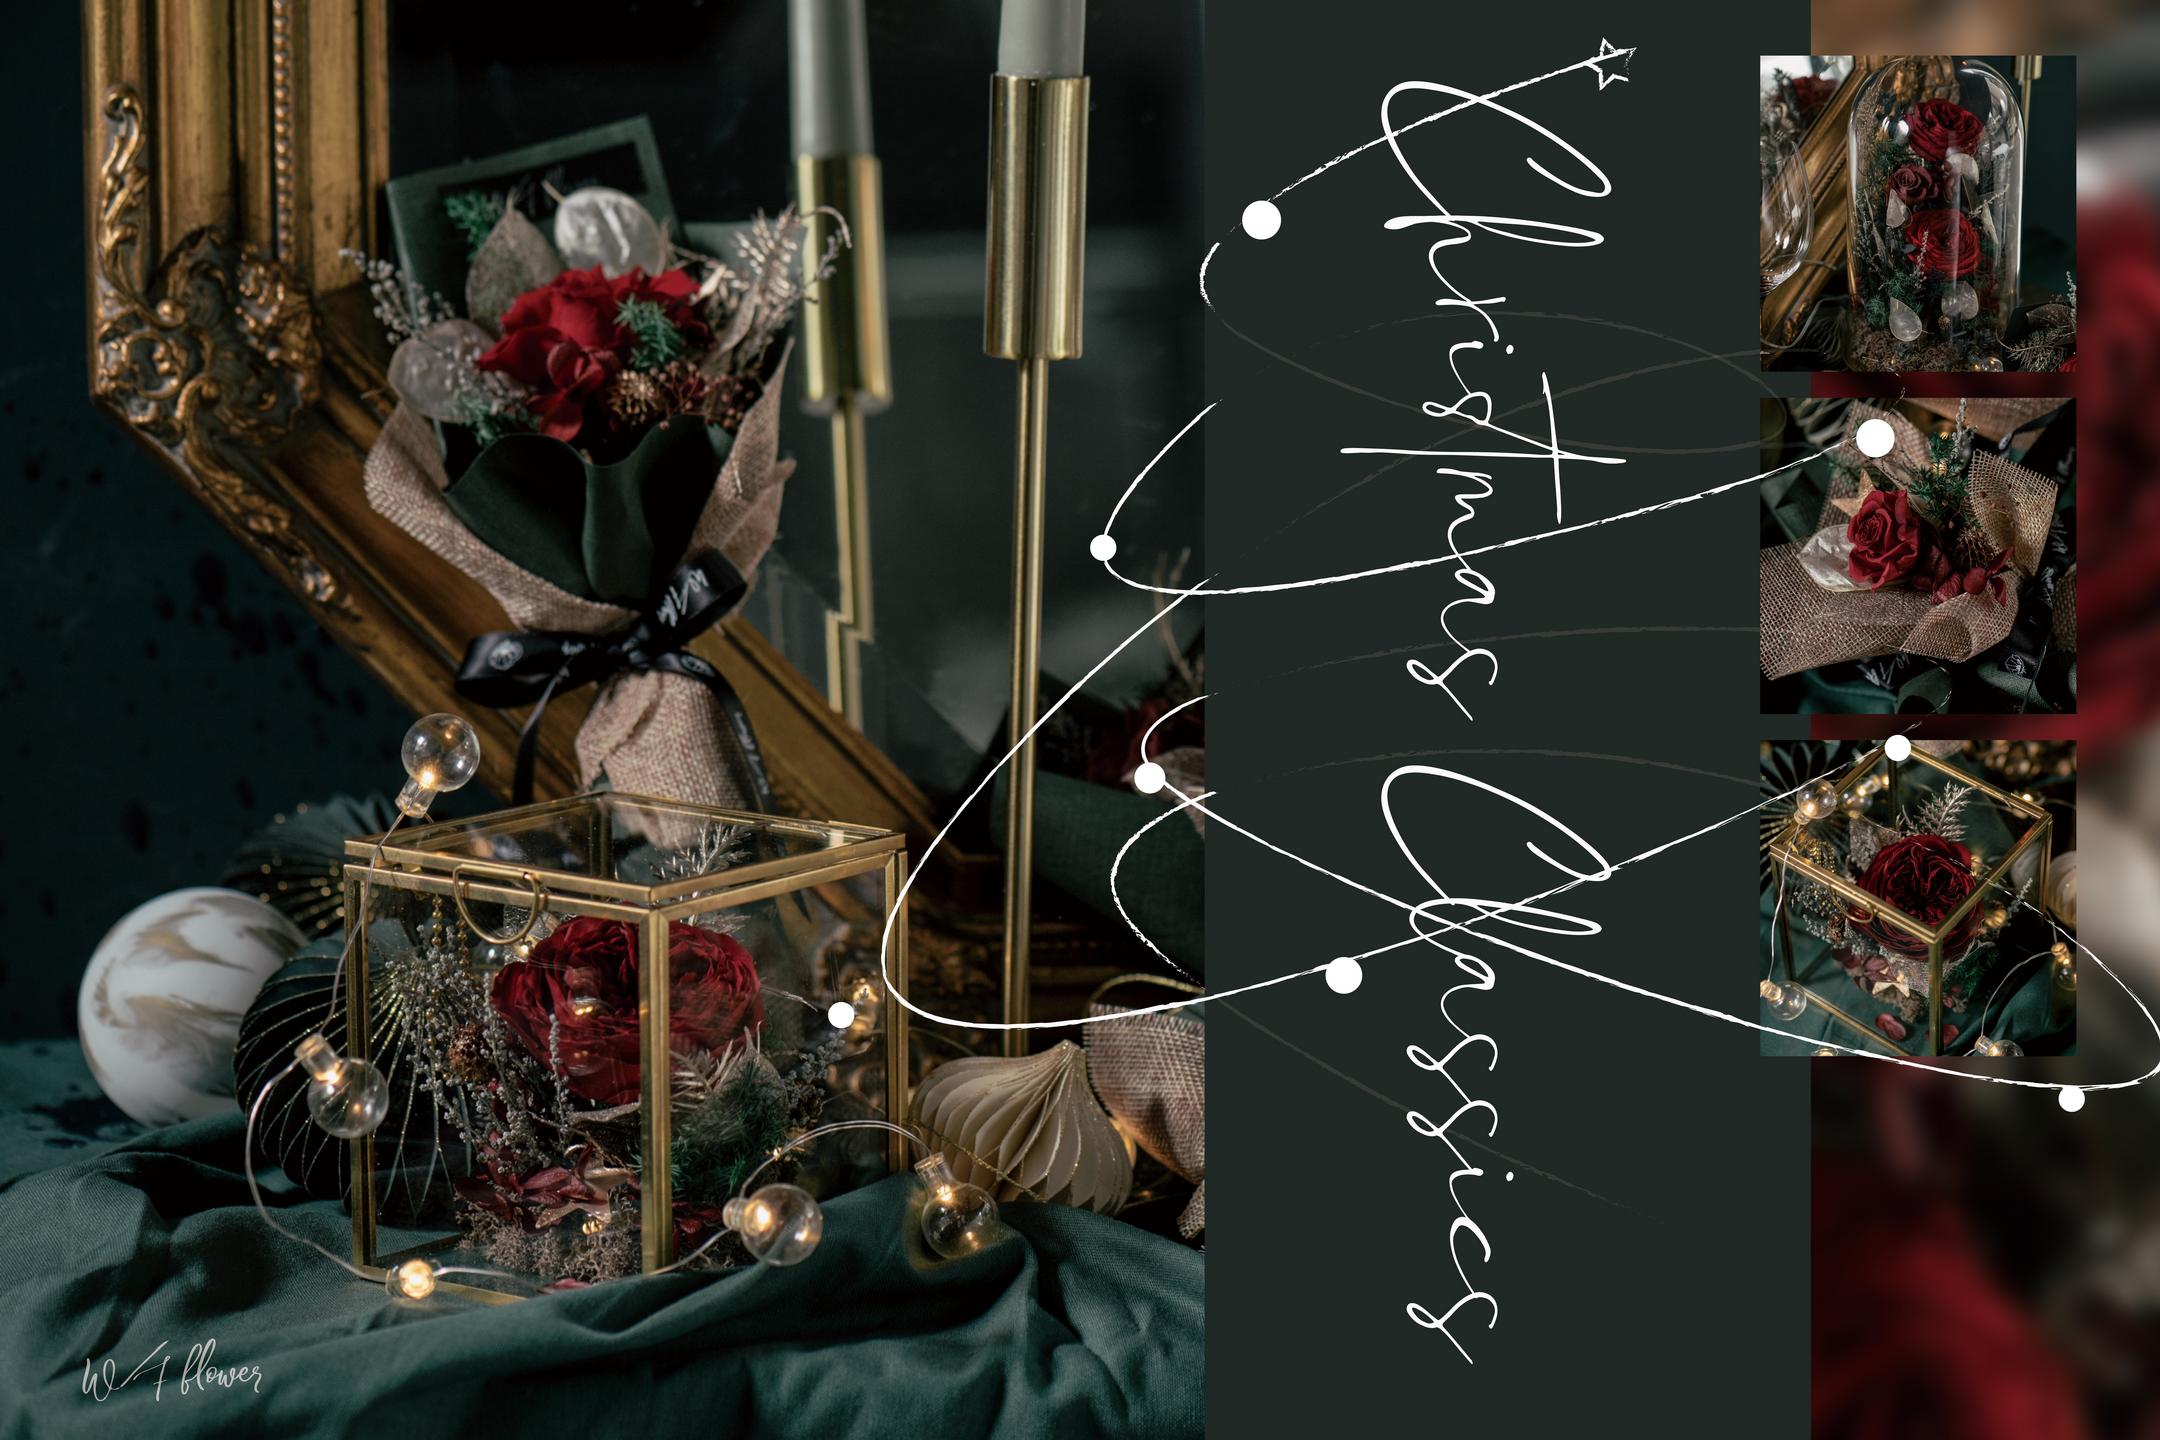 W/F 聖誕企劃 - 聖誕經典系列